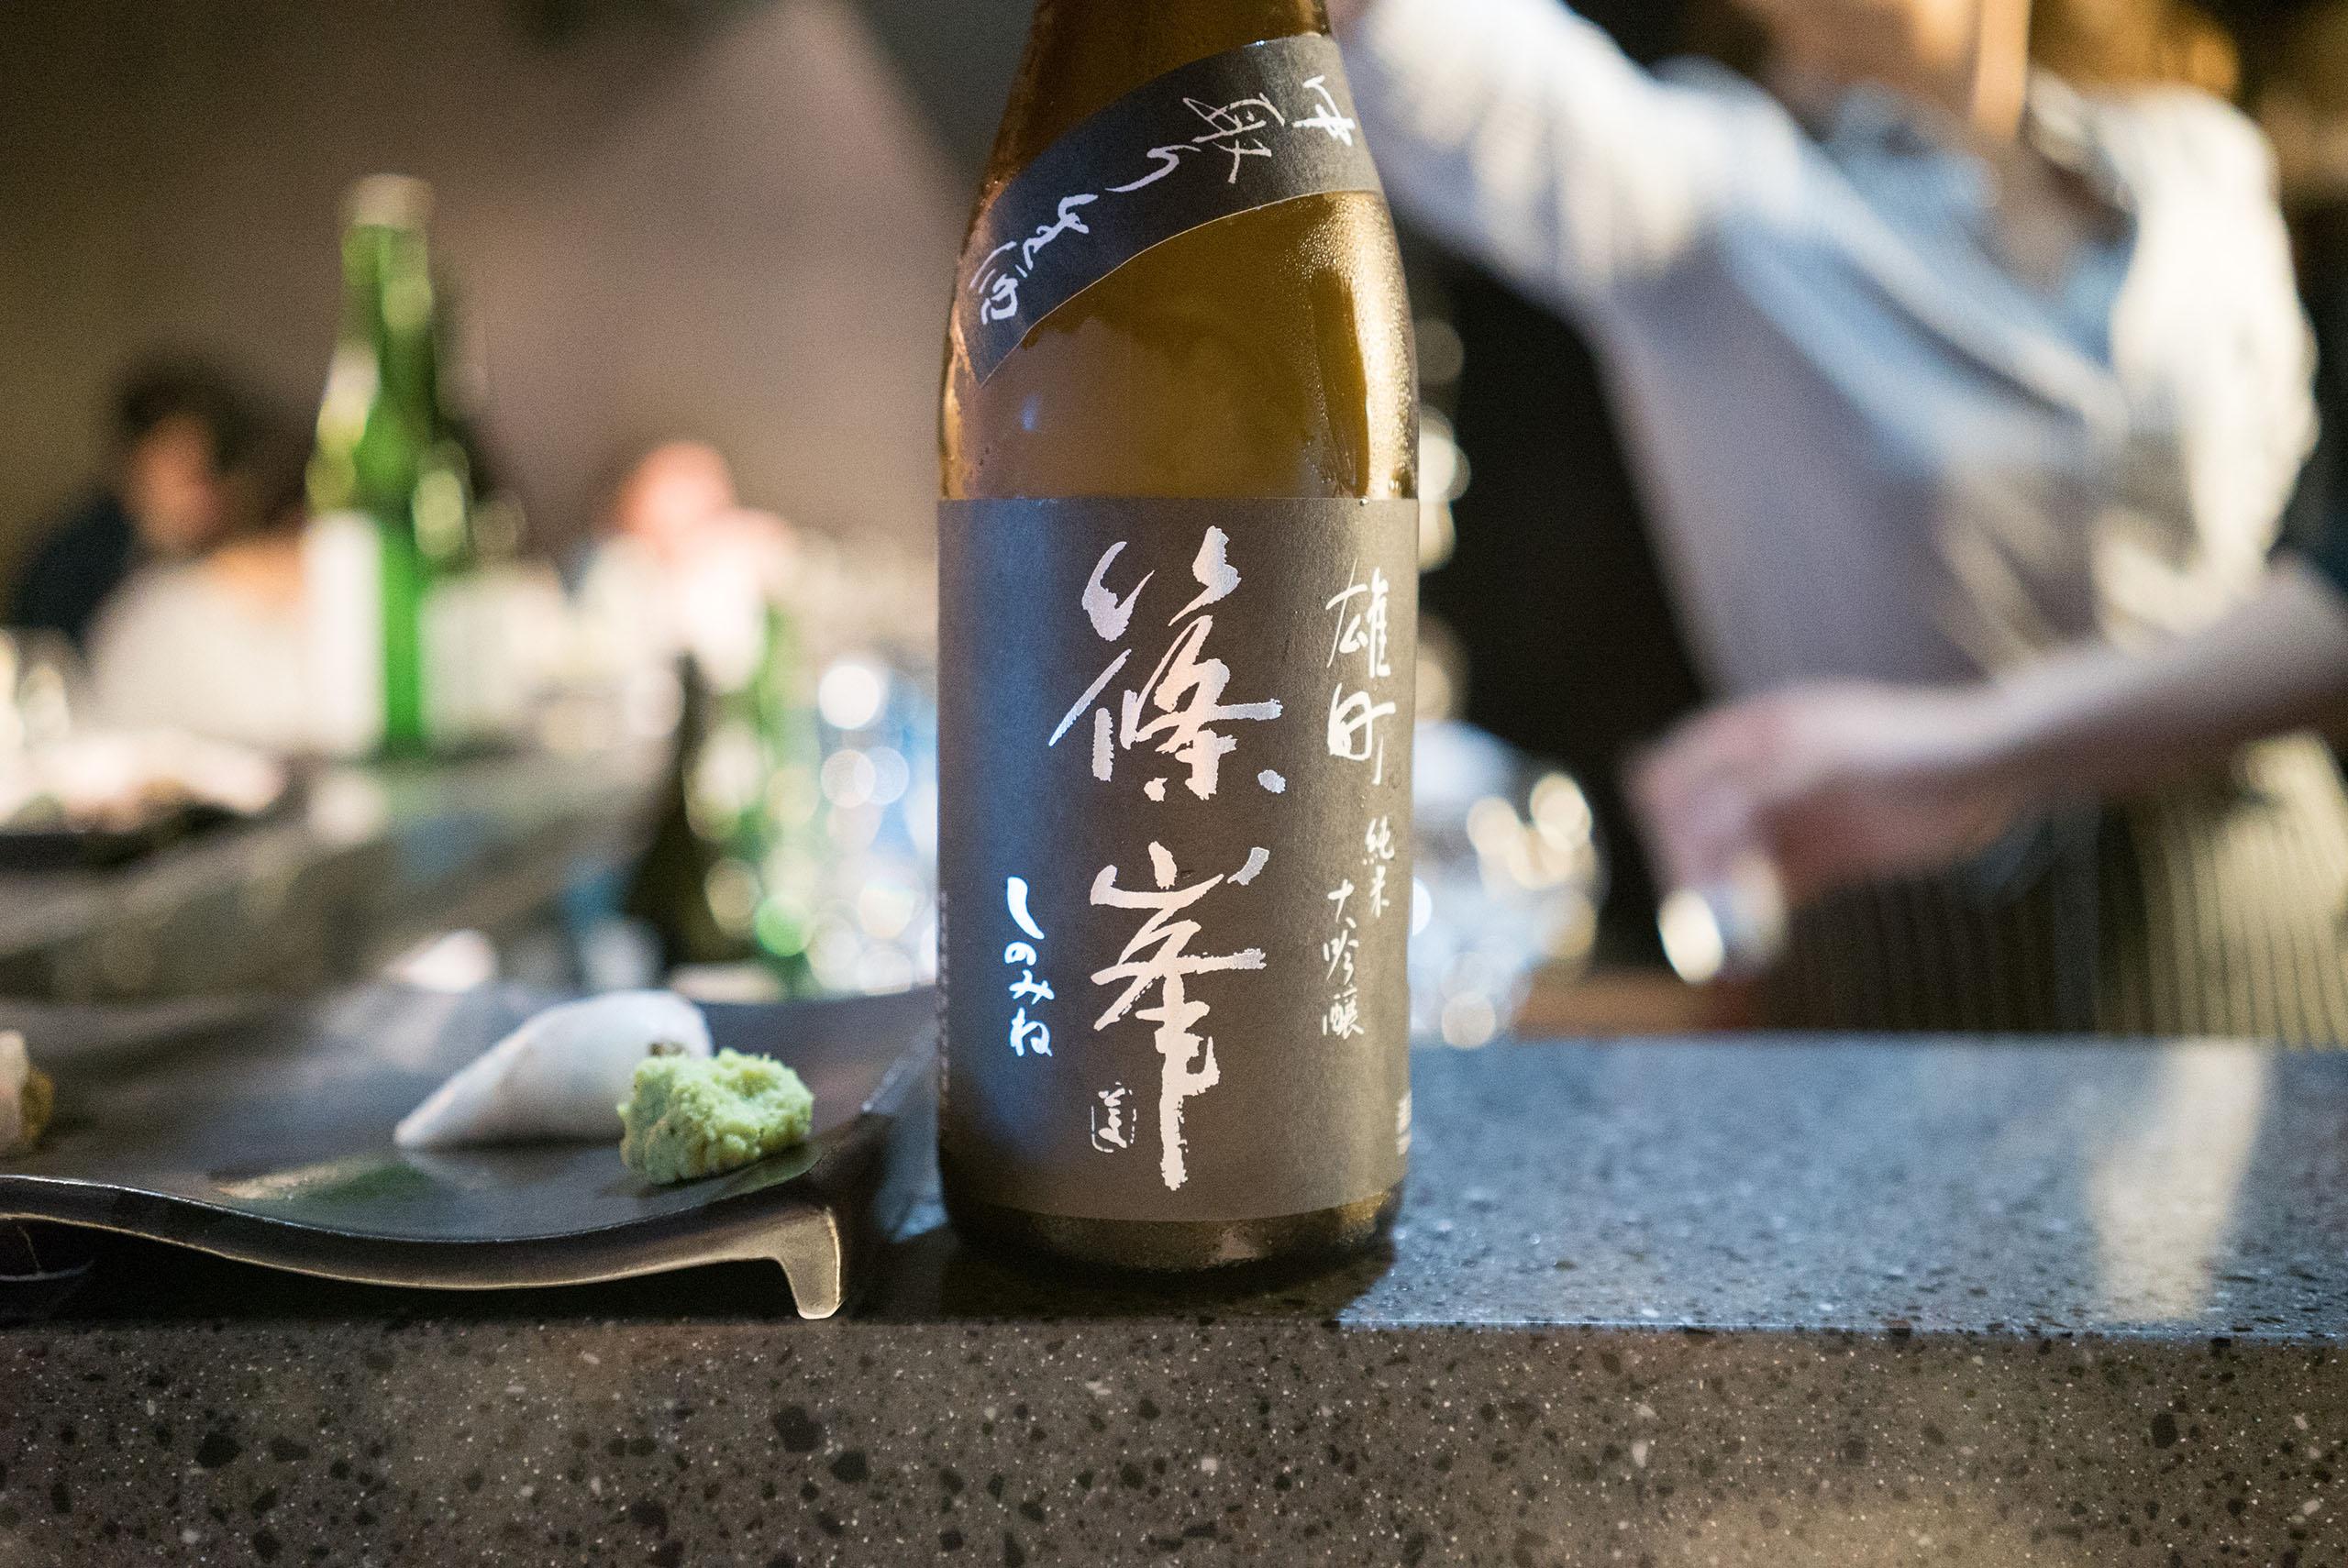 시노미네 쥰마이다이긴죠 오마치 나카토리나마자케